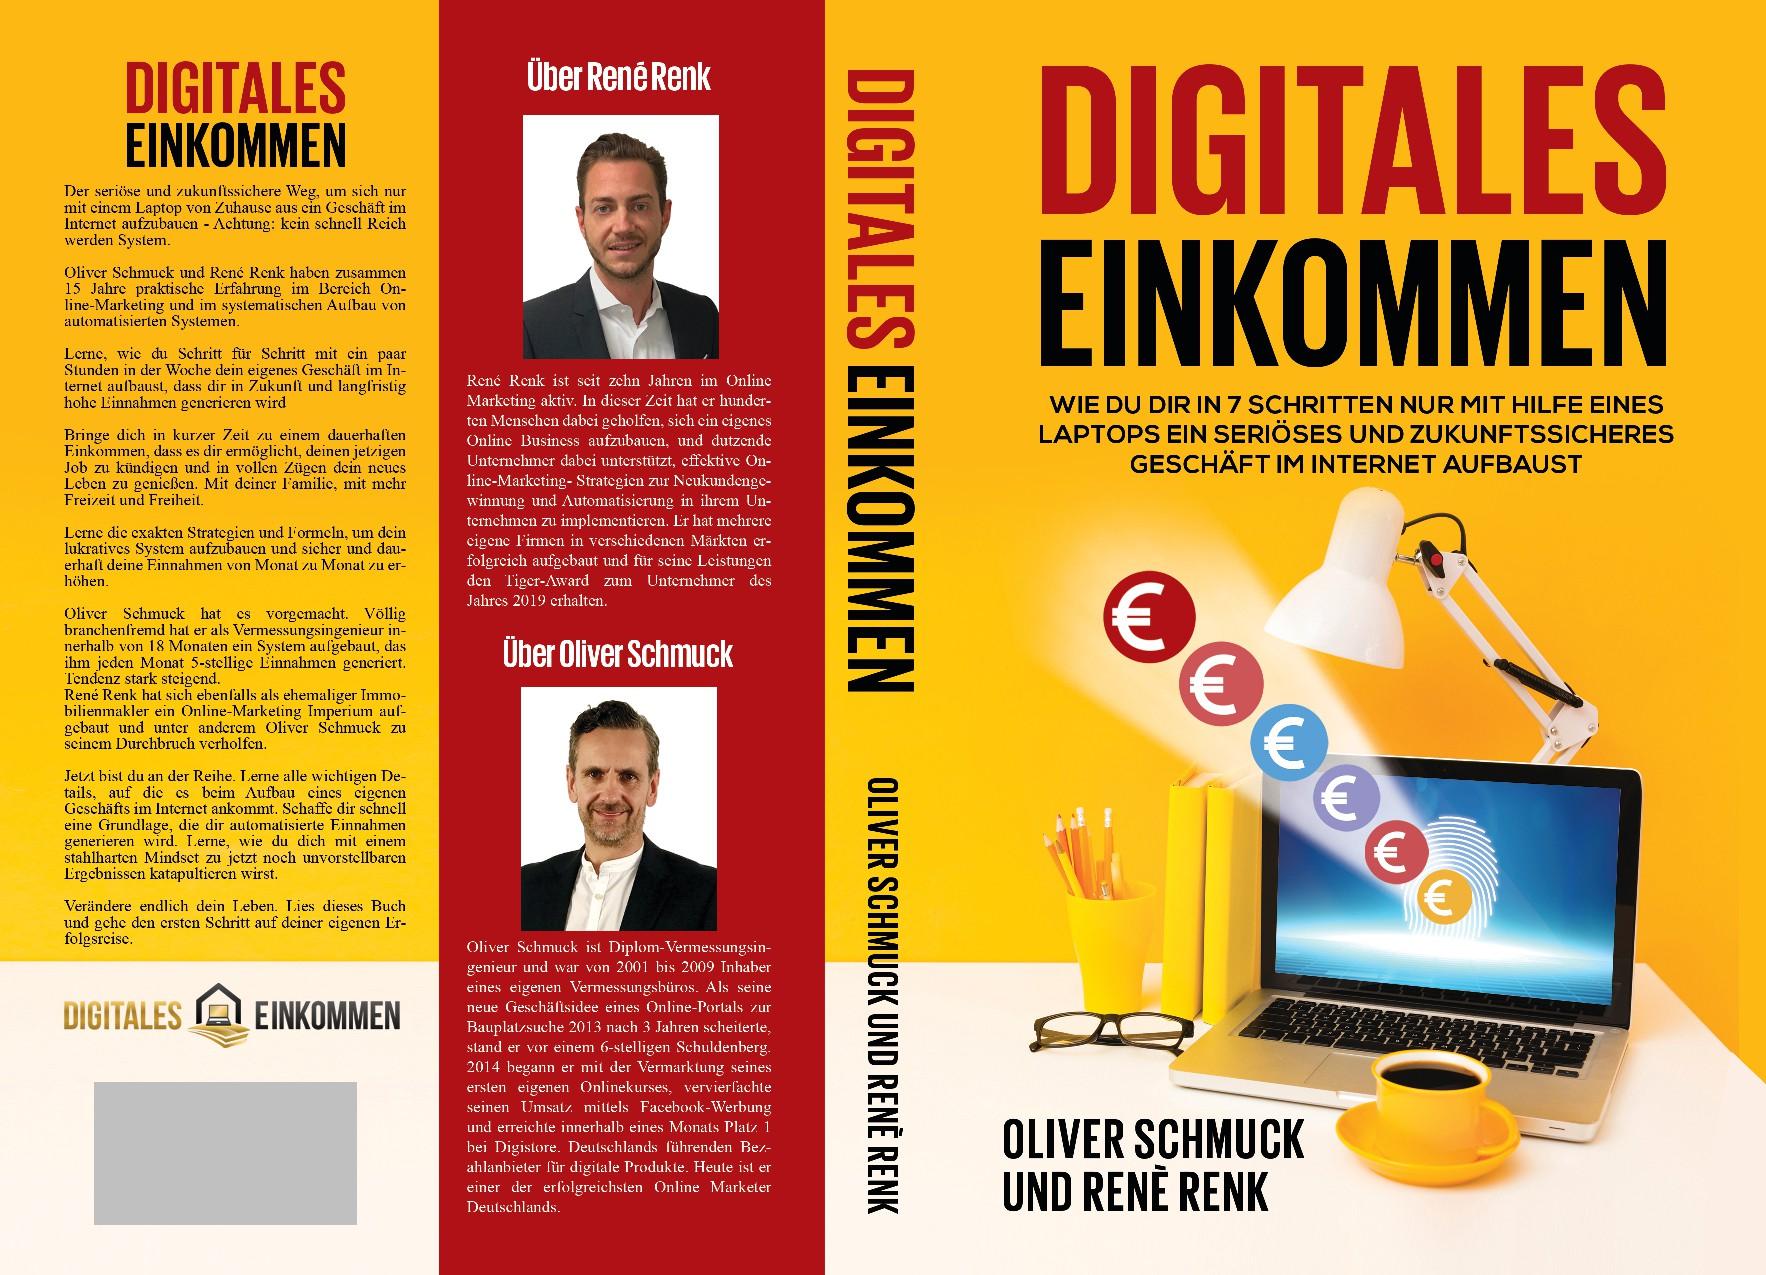 Buchcover von 2 Online-Marekting Experten zum Thema Digitales Einkommen